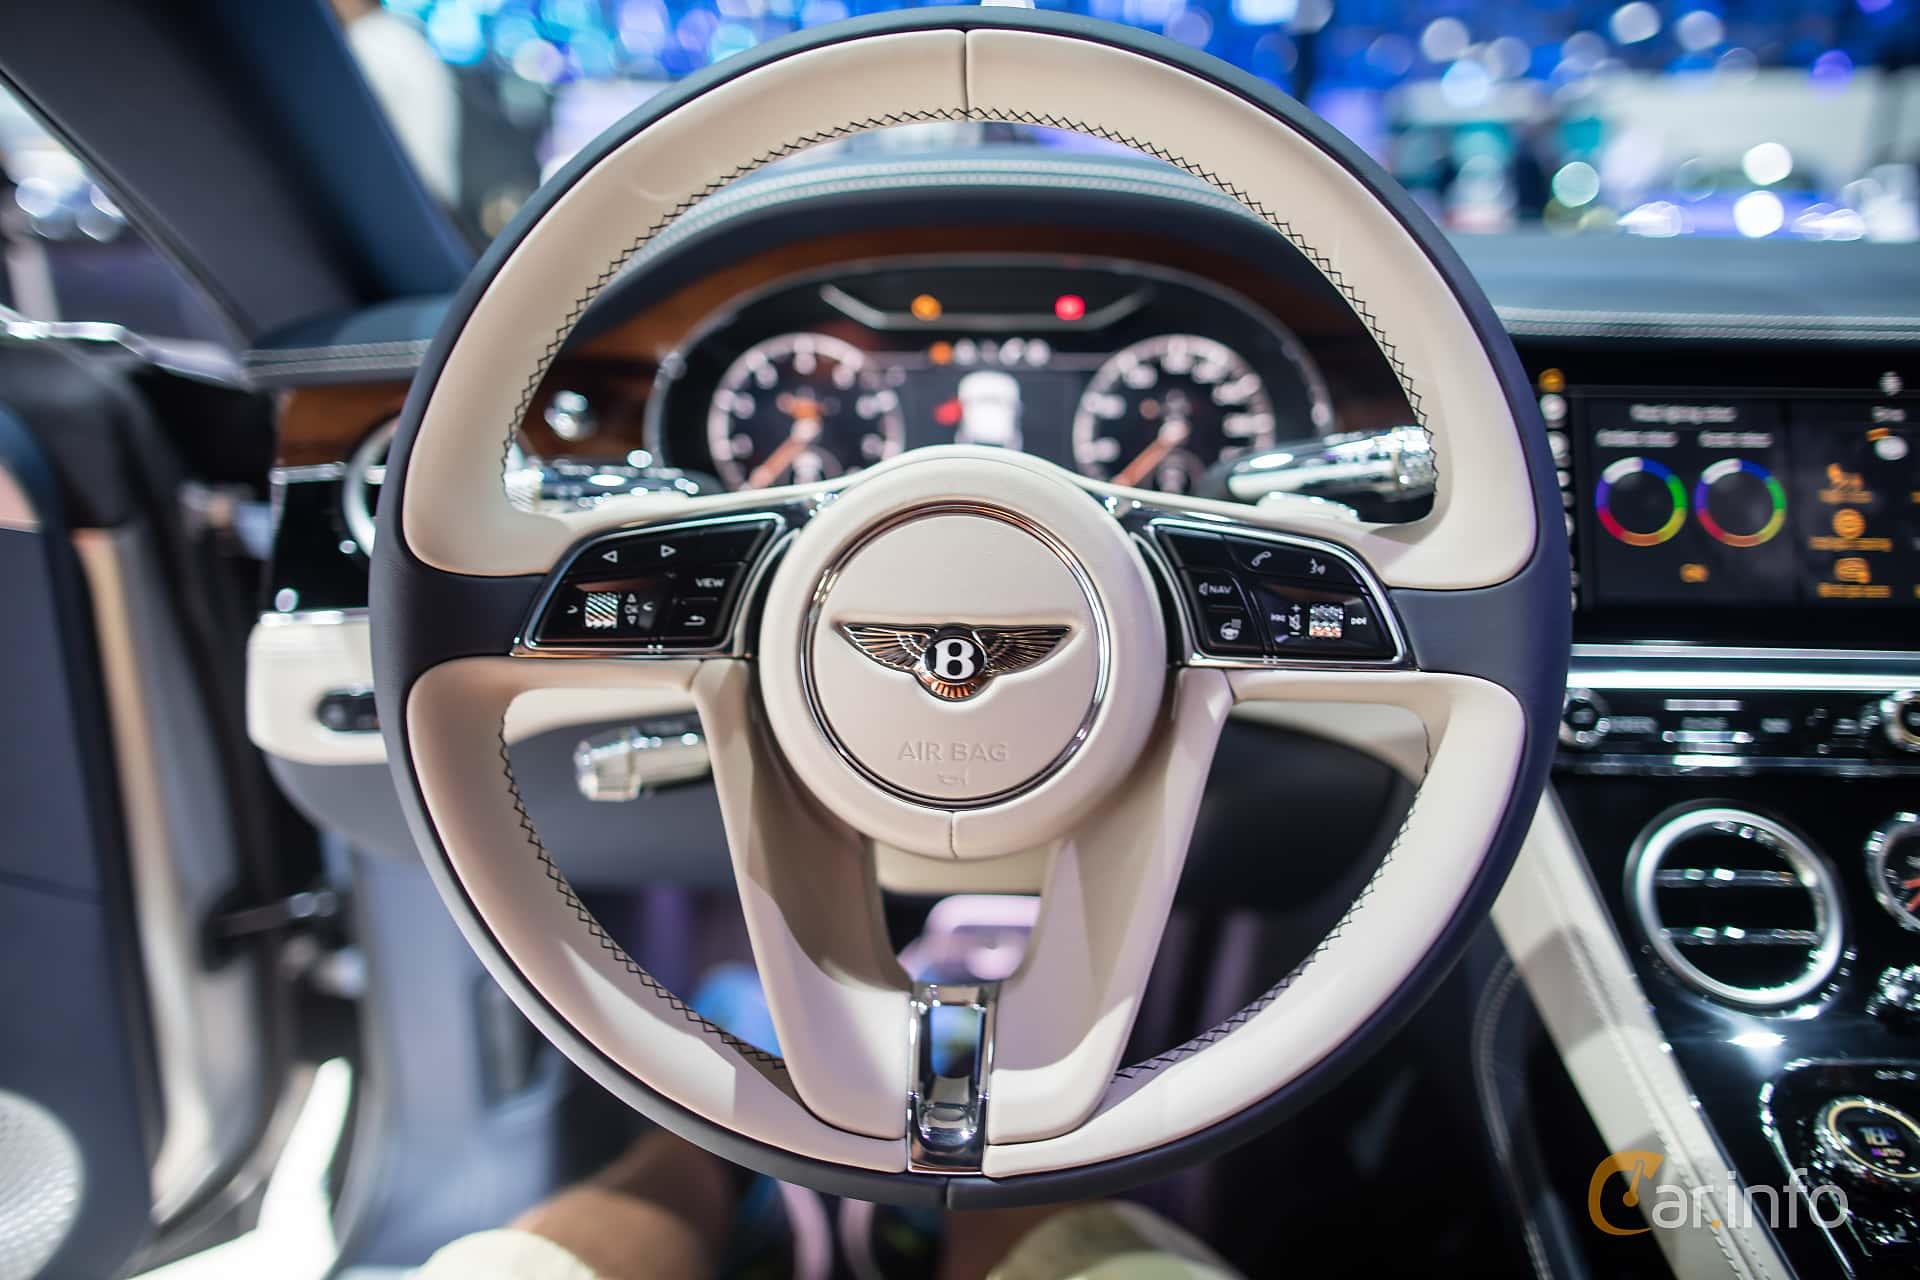 Bentley Continental Gt 6 0 W12 Tsi Dct 635hk 2018 At Iaa 2017